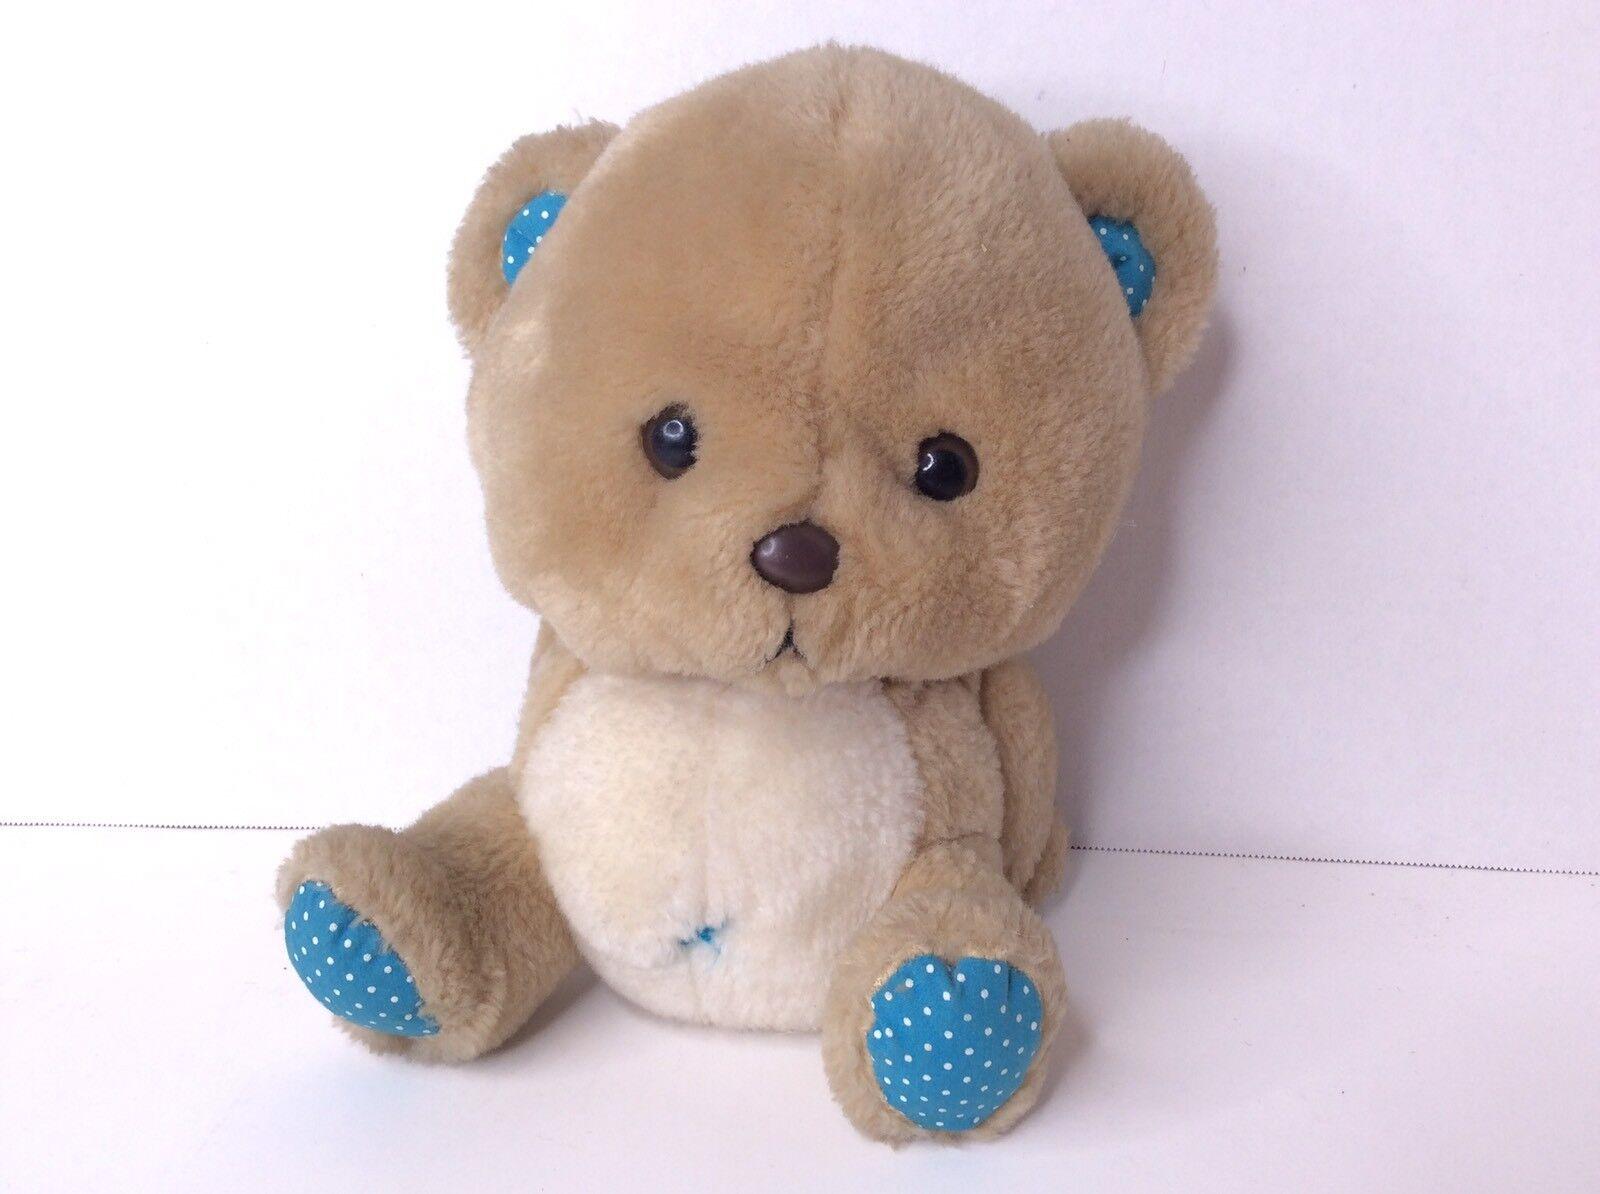 Applause Wallace Berrie Toby Teddy Bear Beige Blau Polka Dot Plush Stuffed Toy